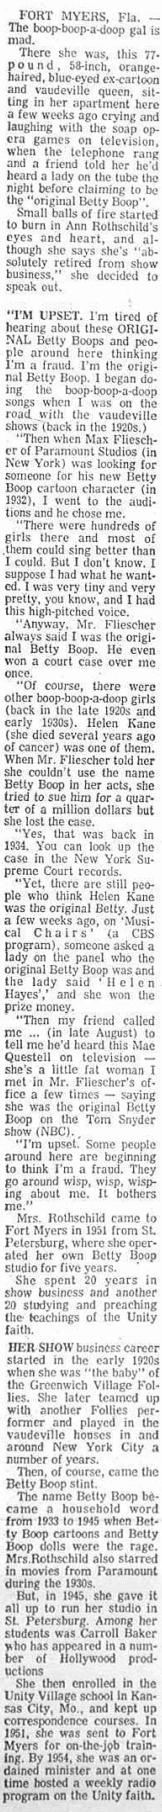 The Boop-Boop-a-Doop Gal is Mad (1975)